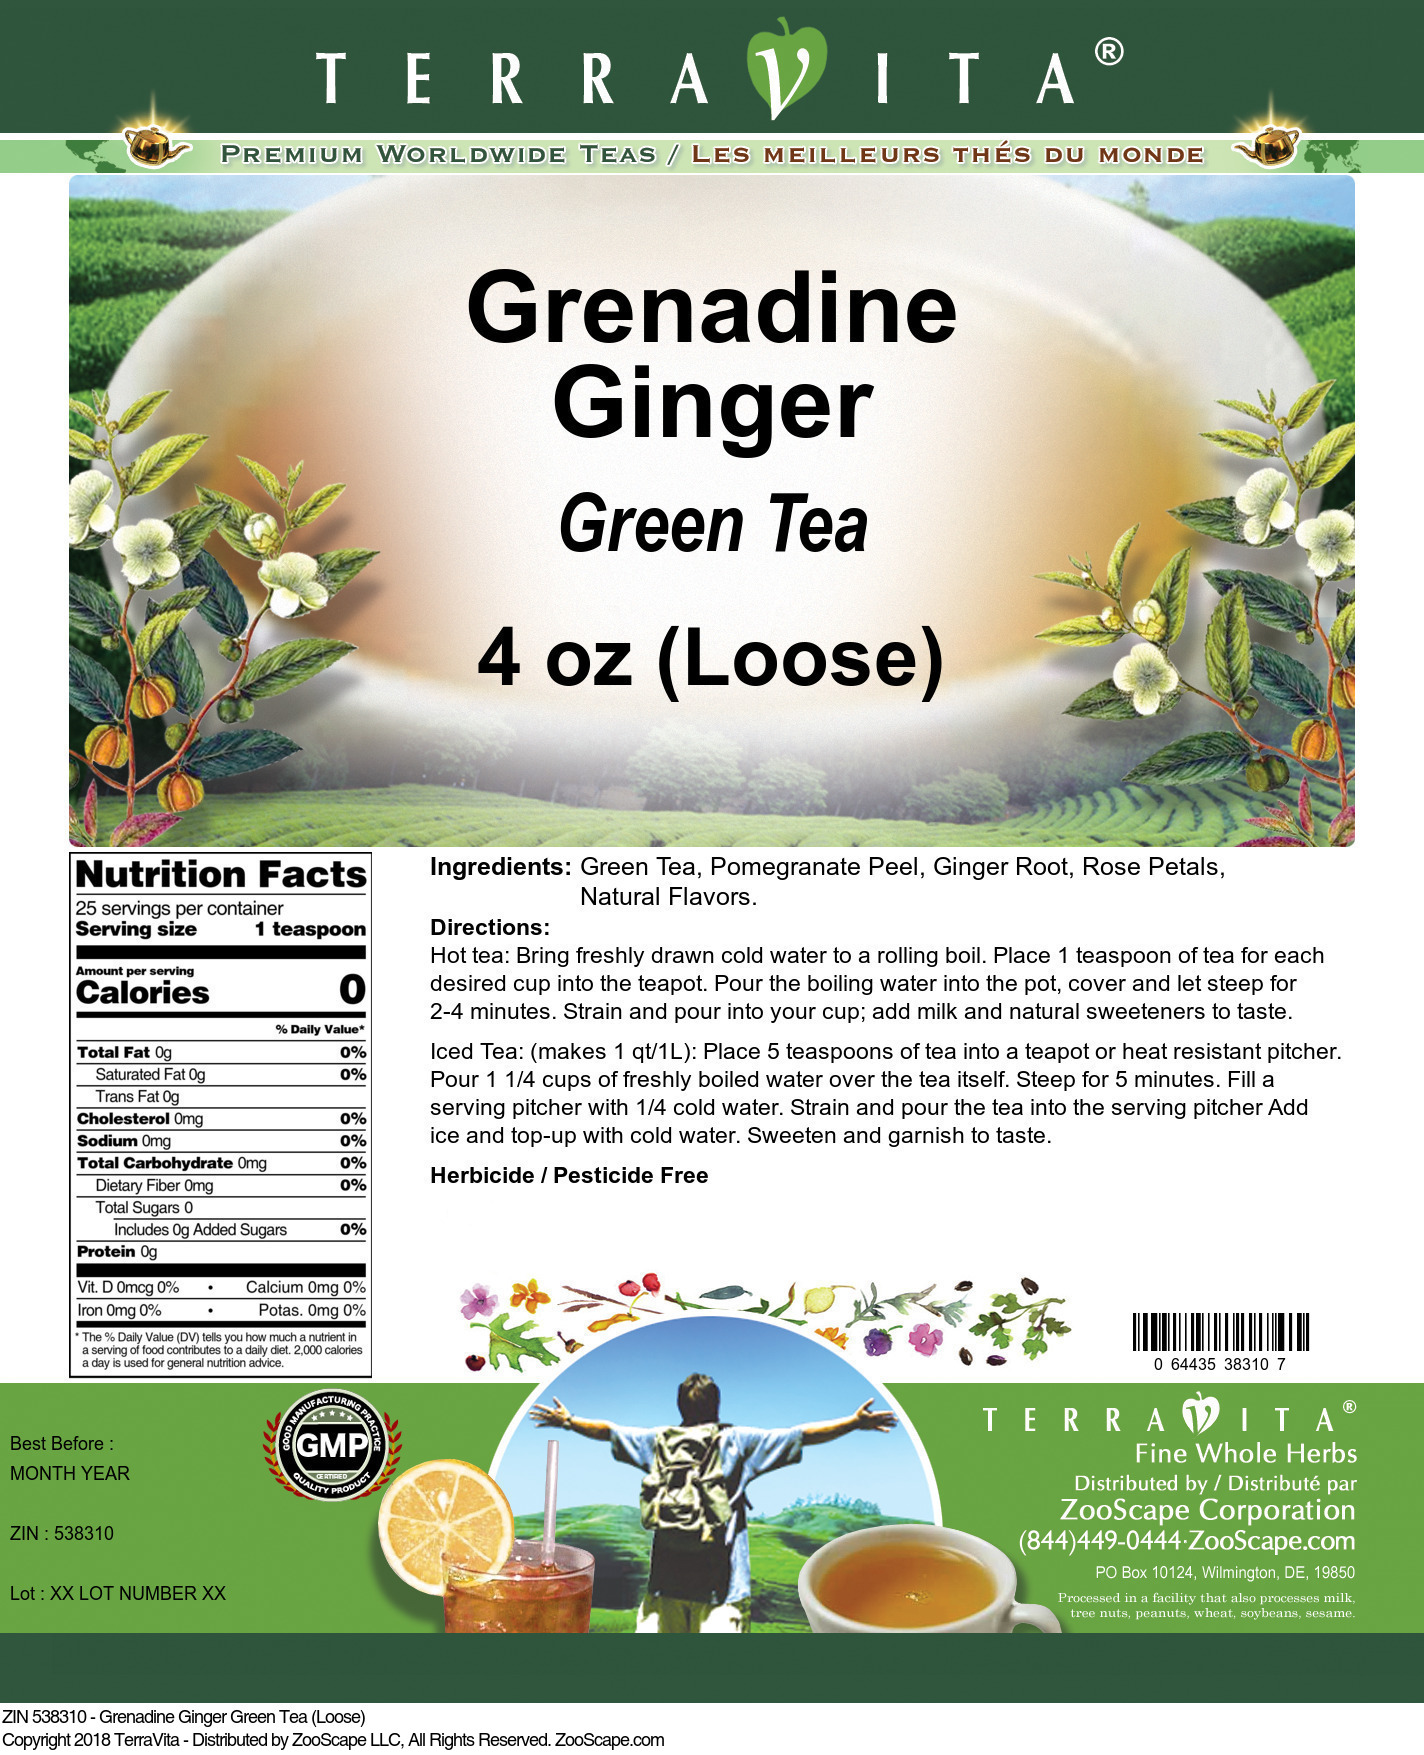 Grenadine Ginger Green Tea